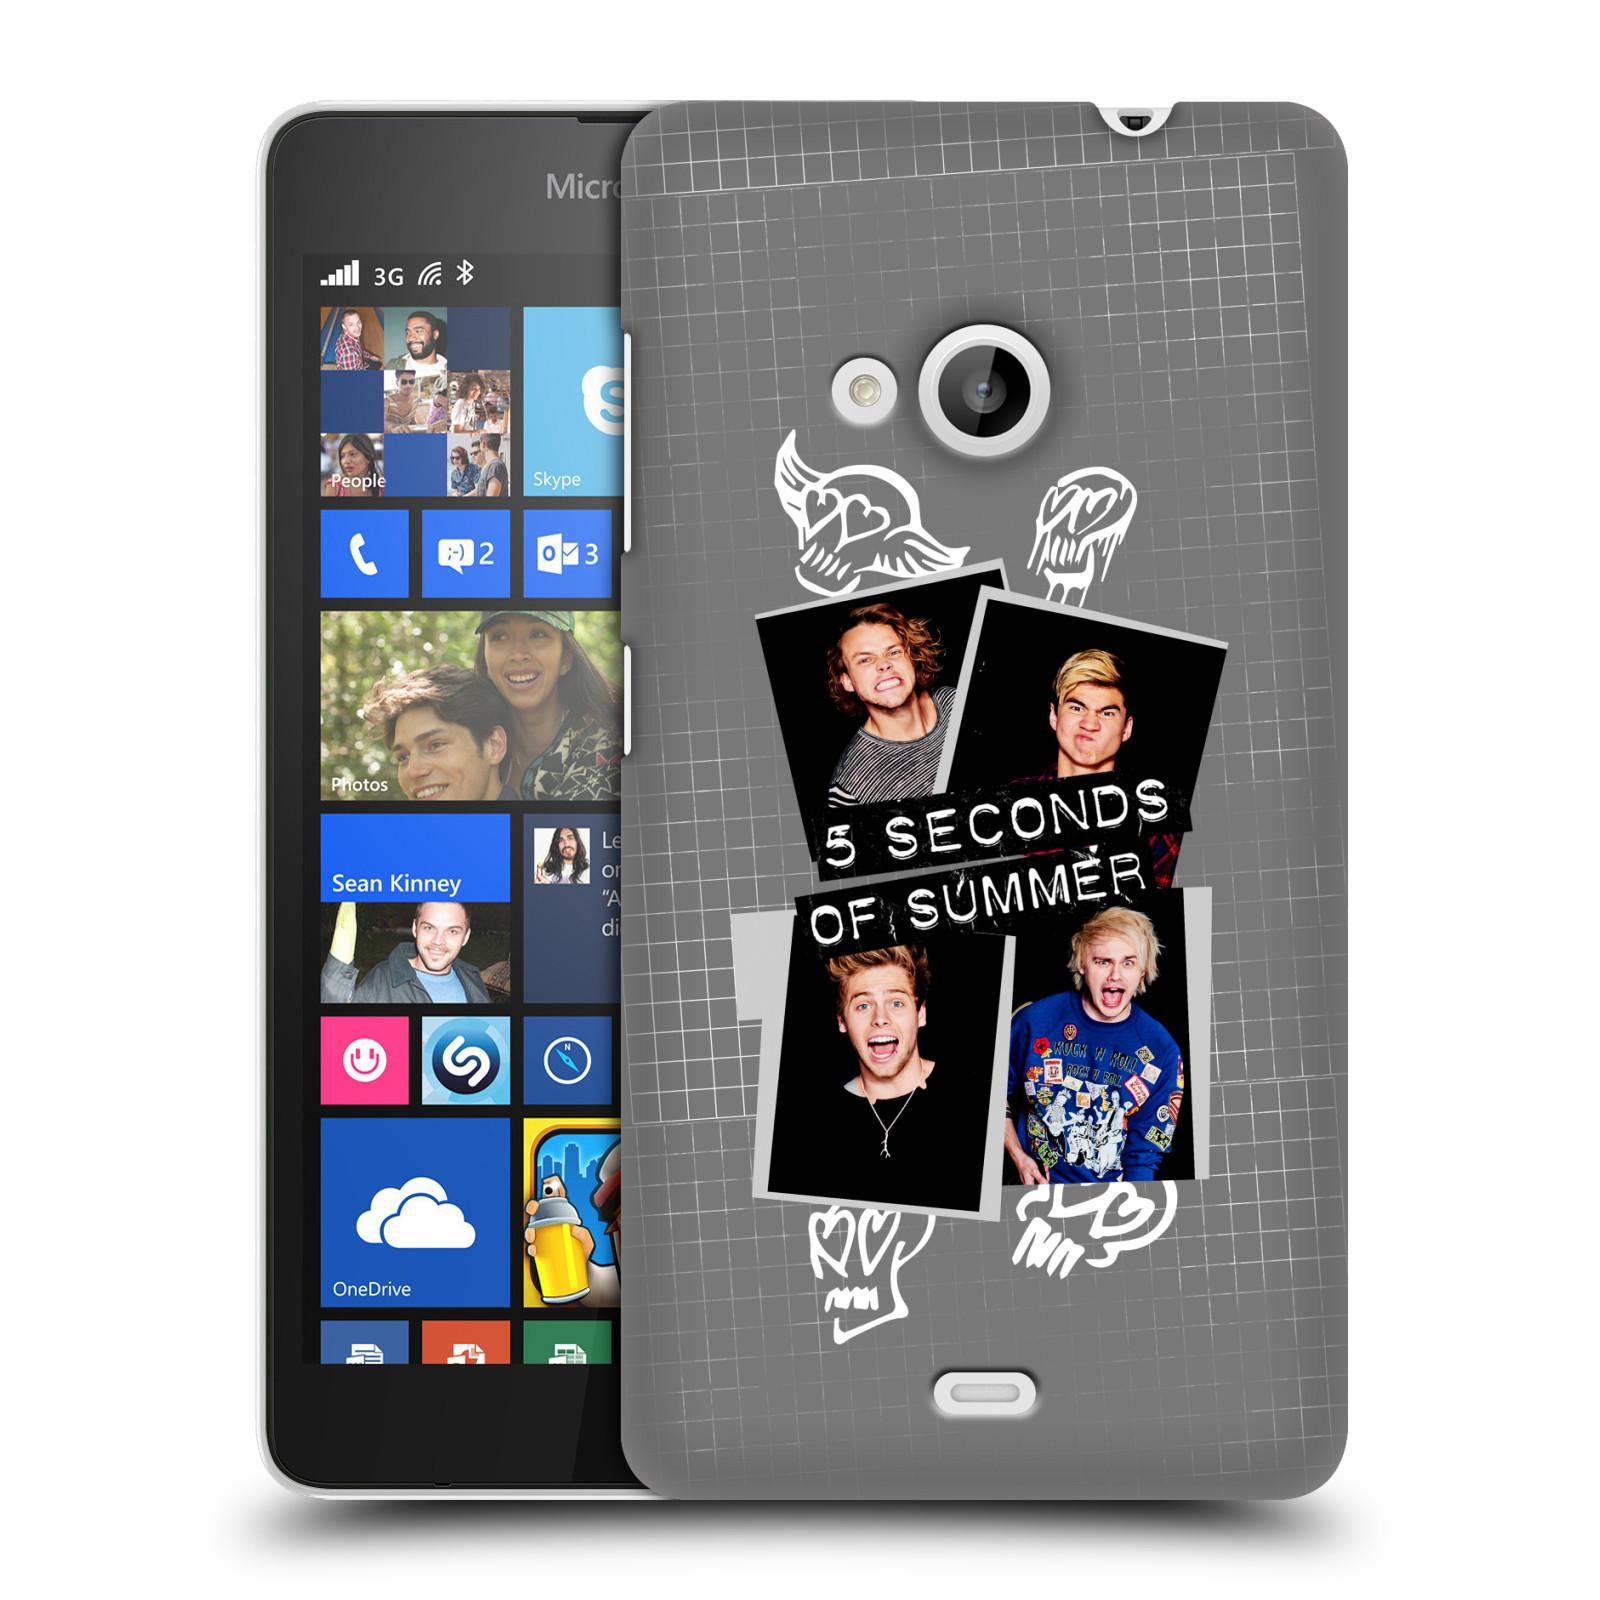 Plastové pouzdro na mobil Microsoft Lumia 535 HEAD CASE 5 Seconds of Summer - Band Grey (Plastový kryt či obal na mobilní telefon licencovaným motivem 5 Seconds of Summer pro Microsoft Lumia 535)